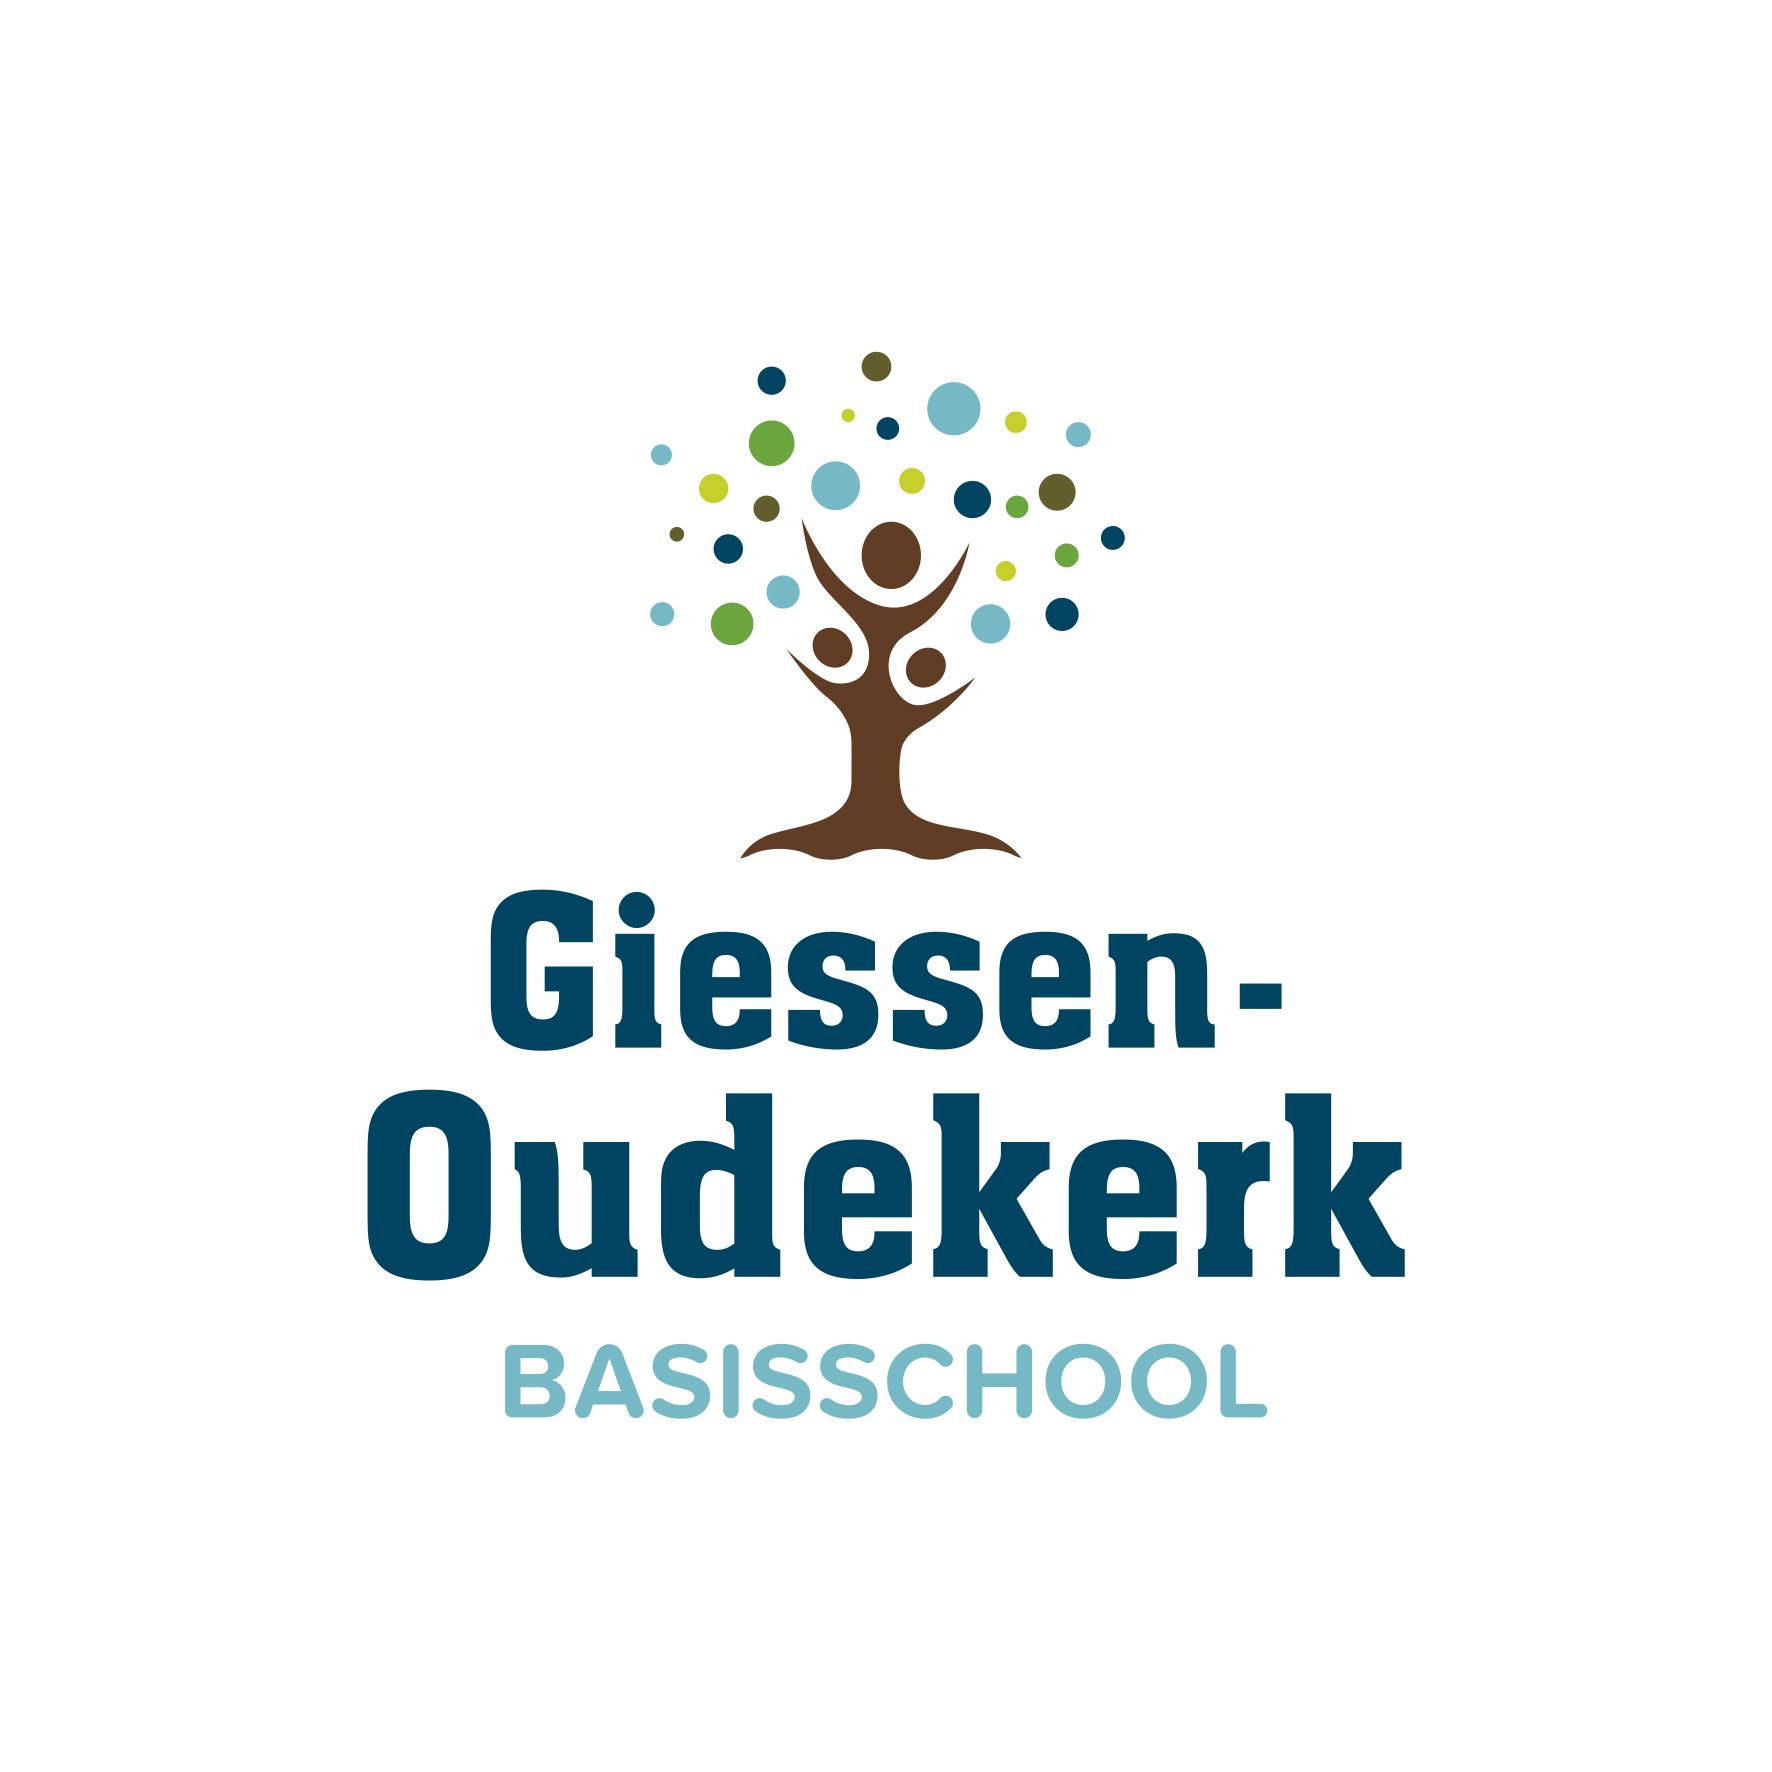 Logo-BS_GiessenOudekerk